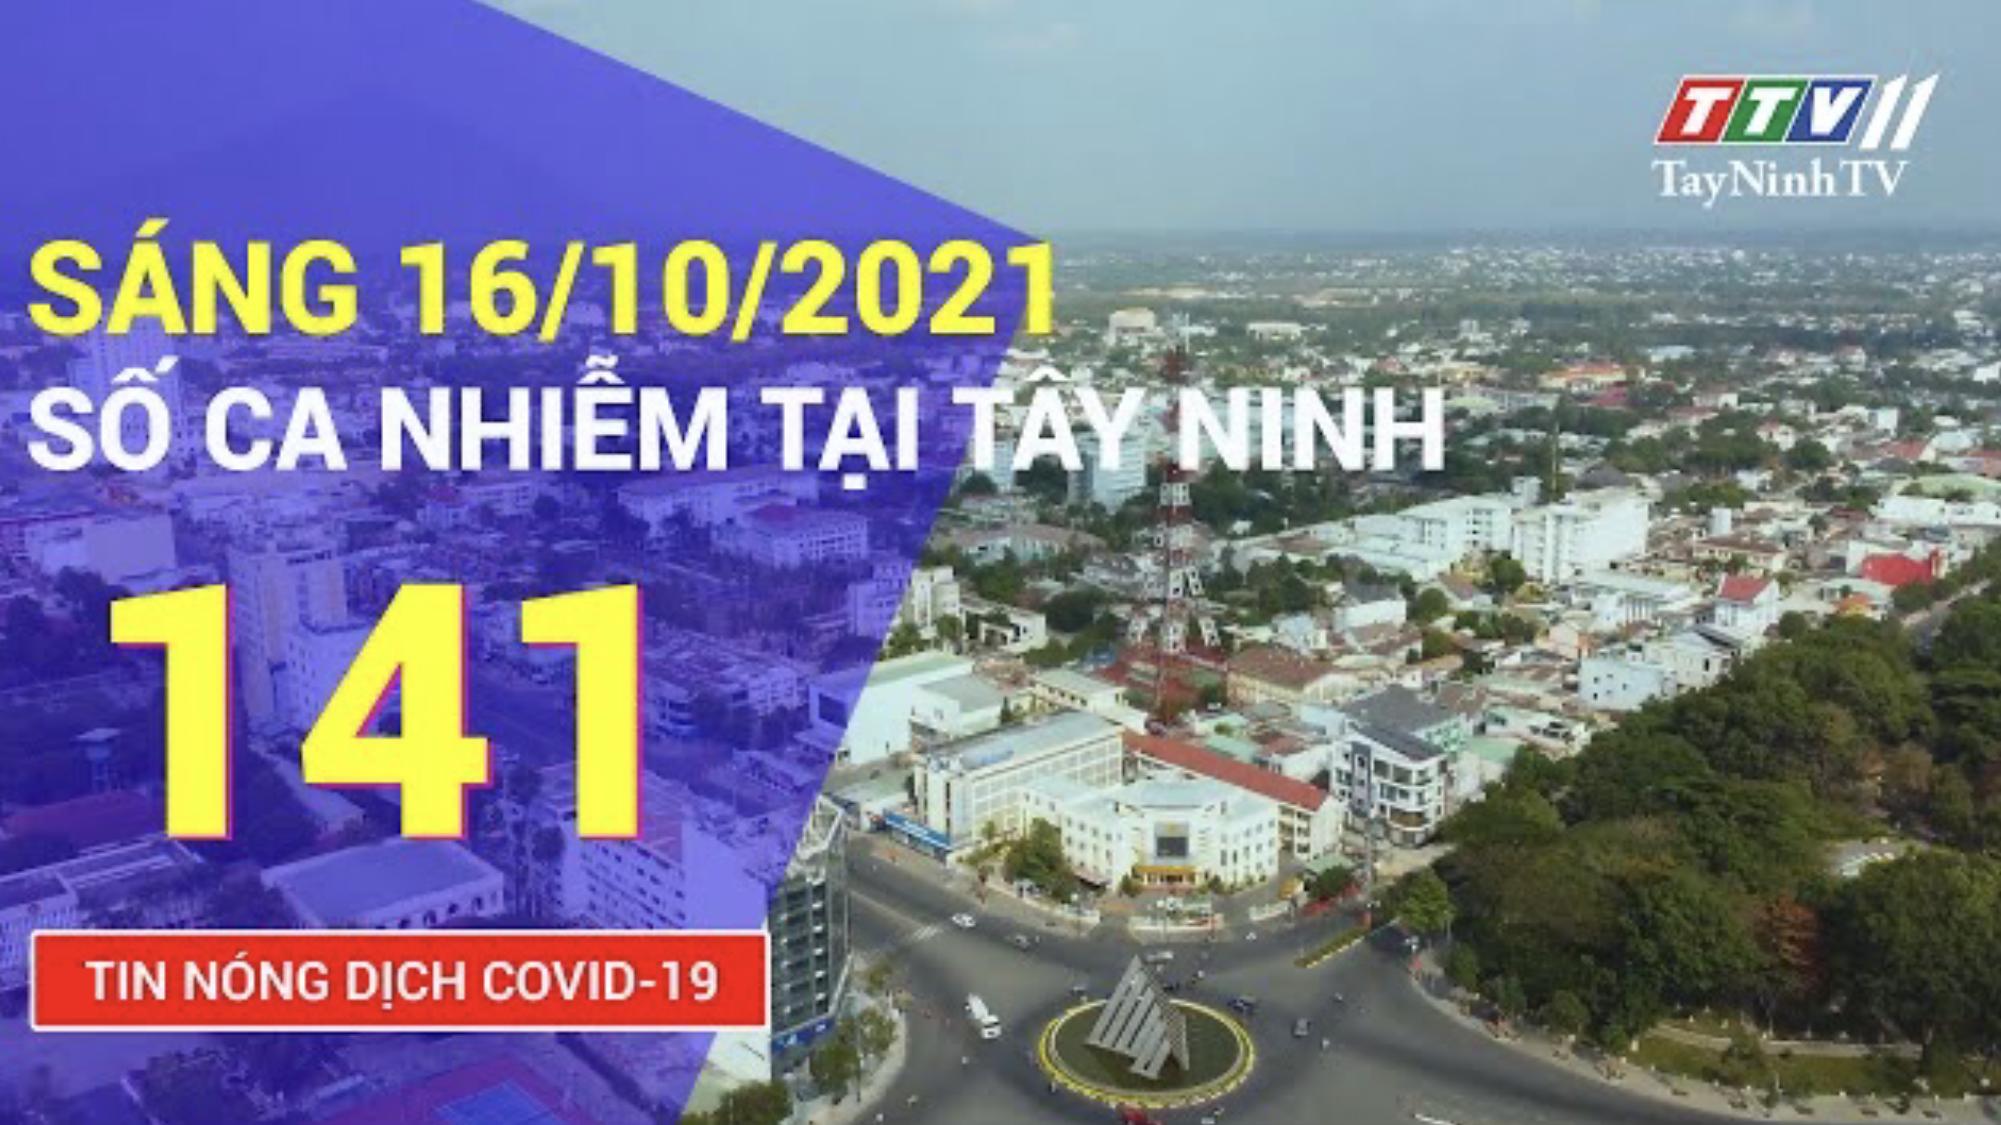 TIN TỨC COVID-19 SÁNG 16/10/2021 | Tin tức hôm nay | TayNinhTV